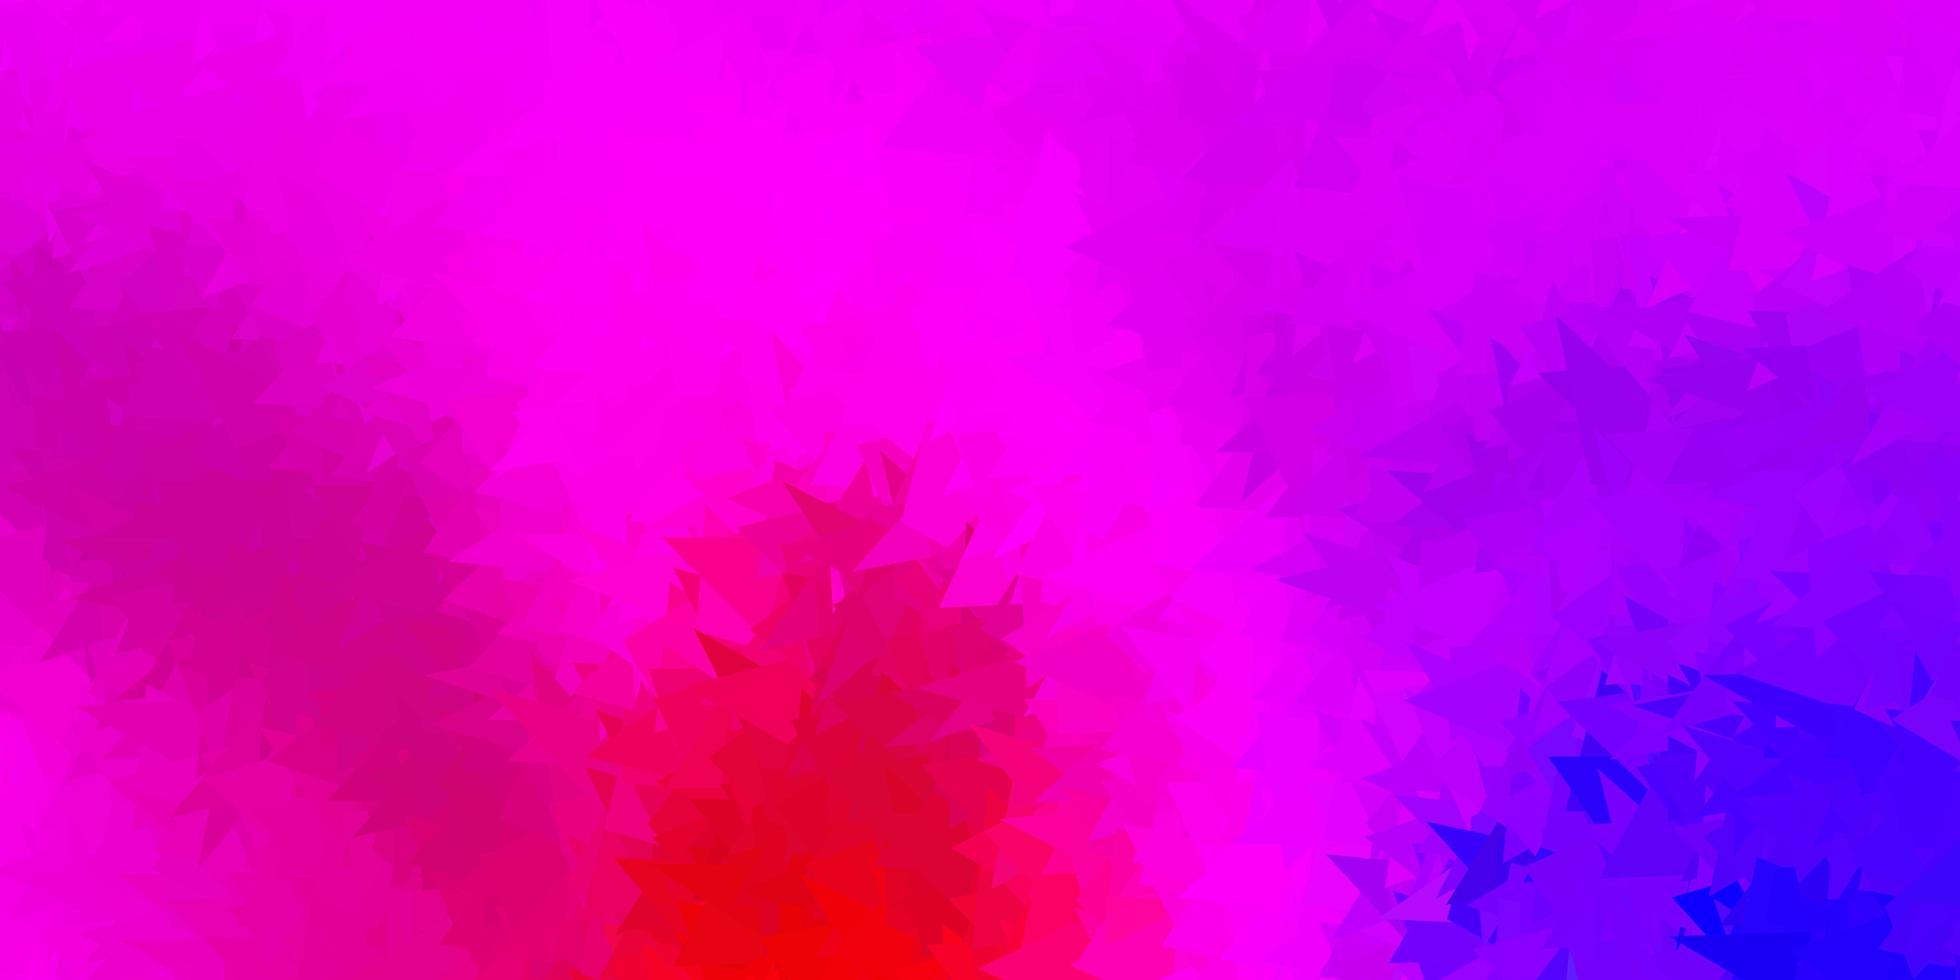 papel de parede poligonal geométrico de vetor rosa e vermelho escuro.